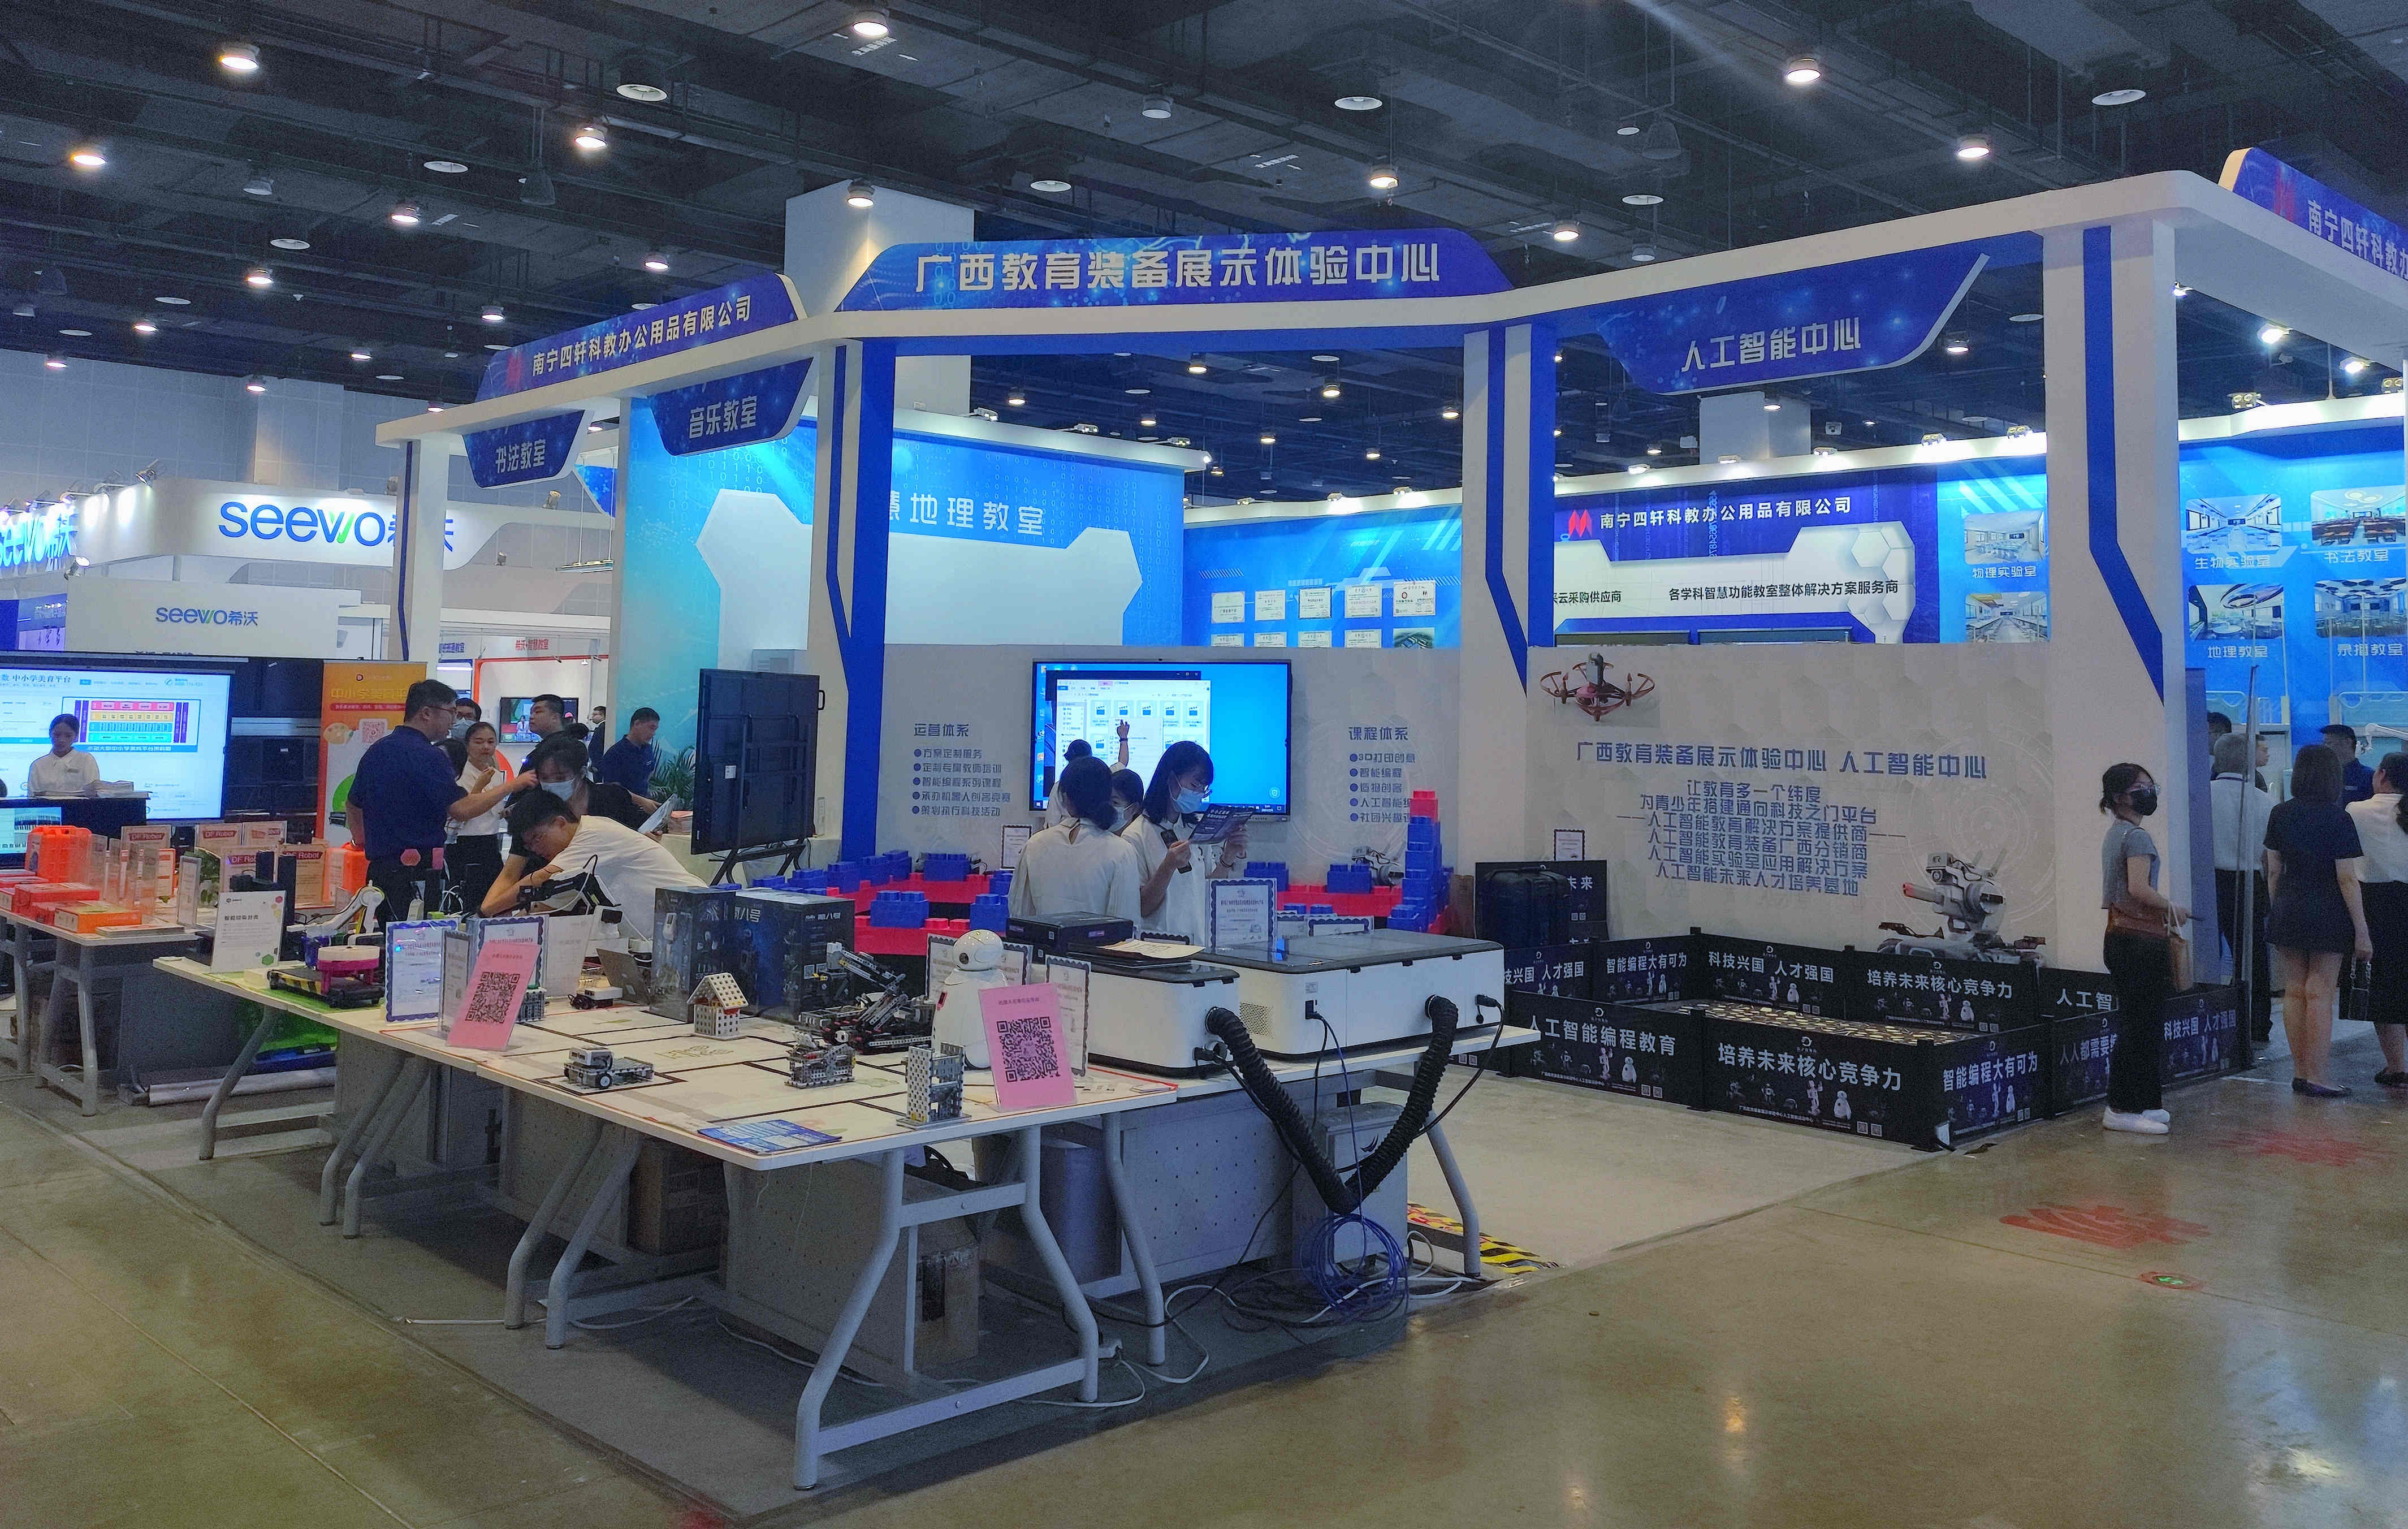 南寧國際學生用品交易會舉行,推動教育產業發展